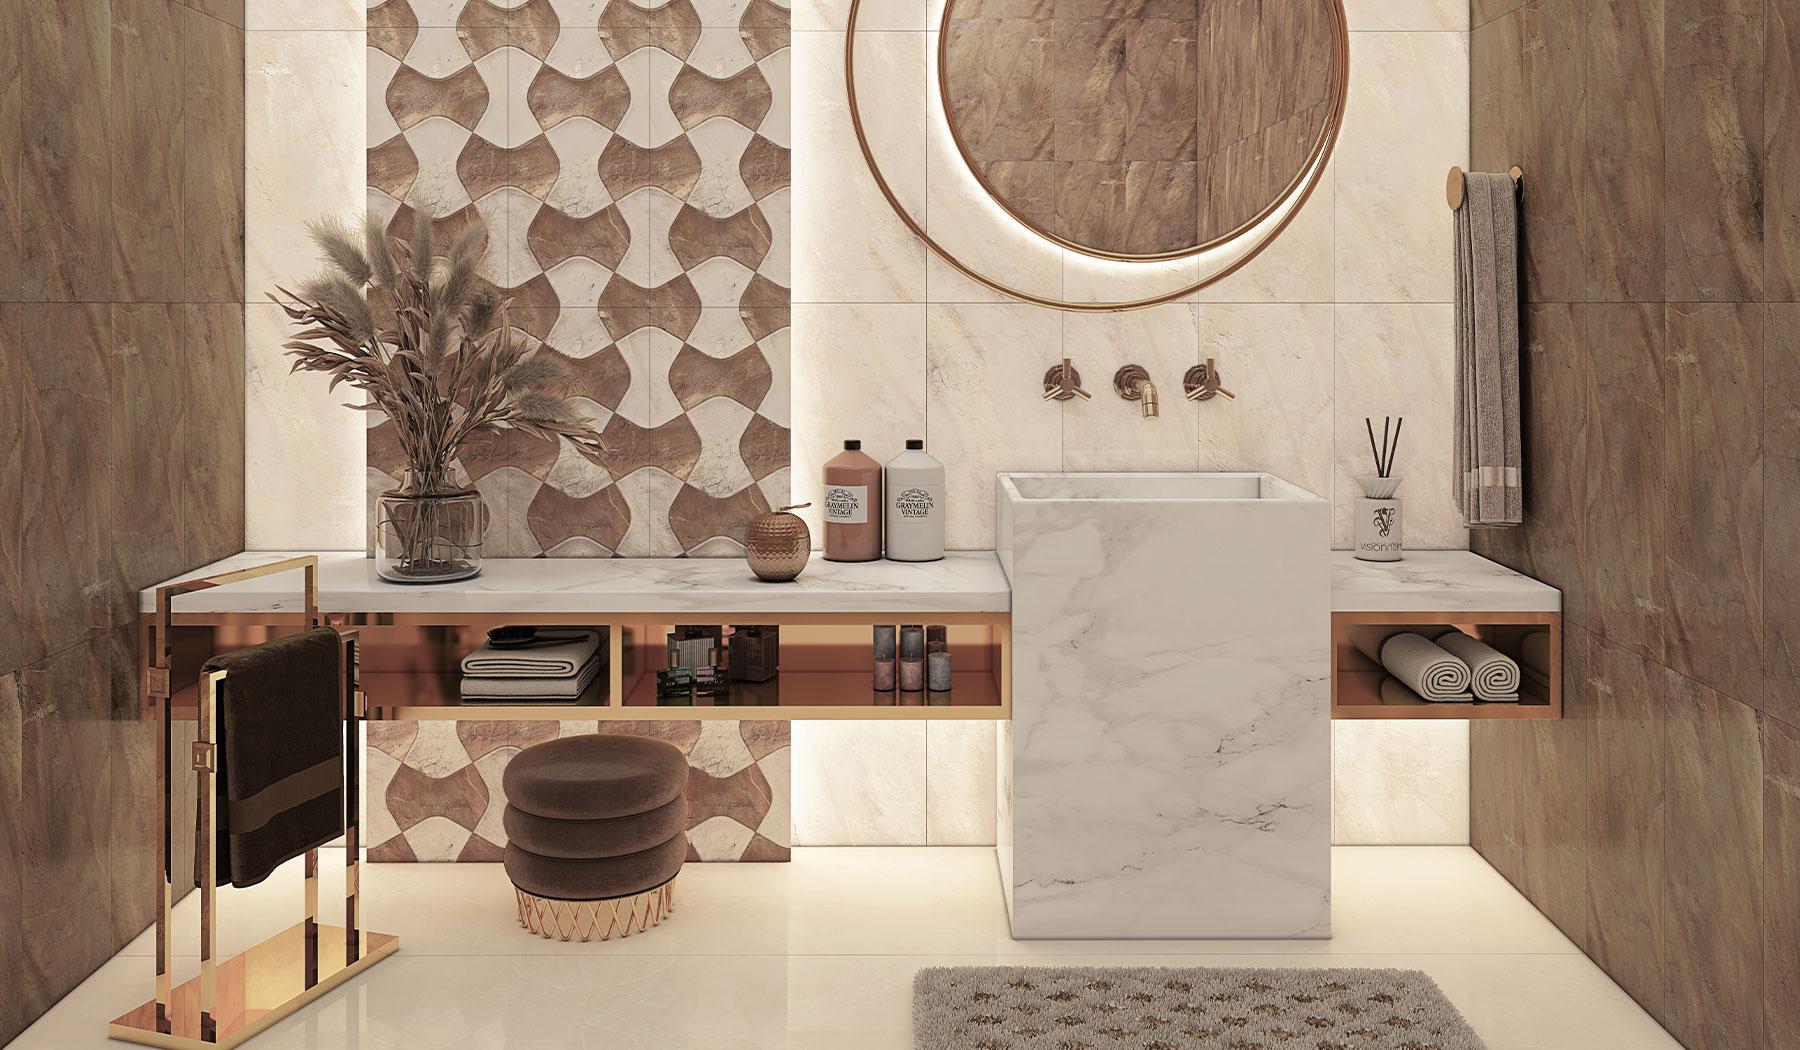 کاشی و سرامیک بوم سرامیک ، کاشی دیوار طرح مانیس کرم قهوه ای سایز 30*60 لعاب براق صاف با زمینه سنگ